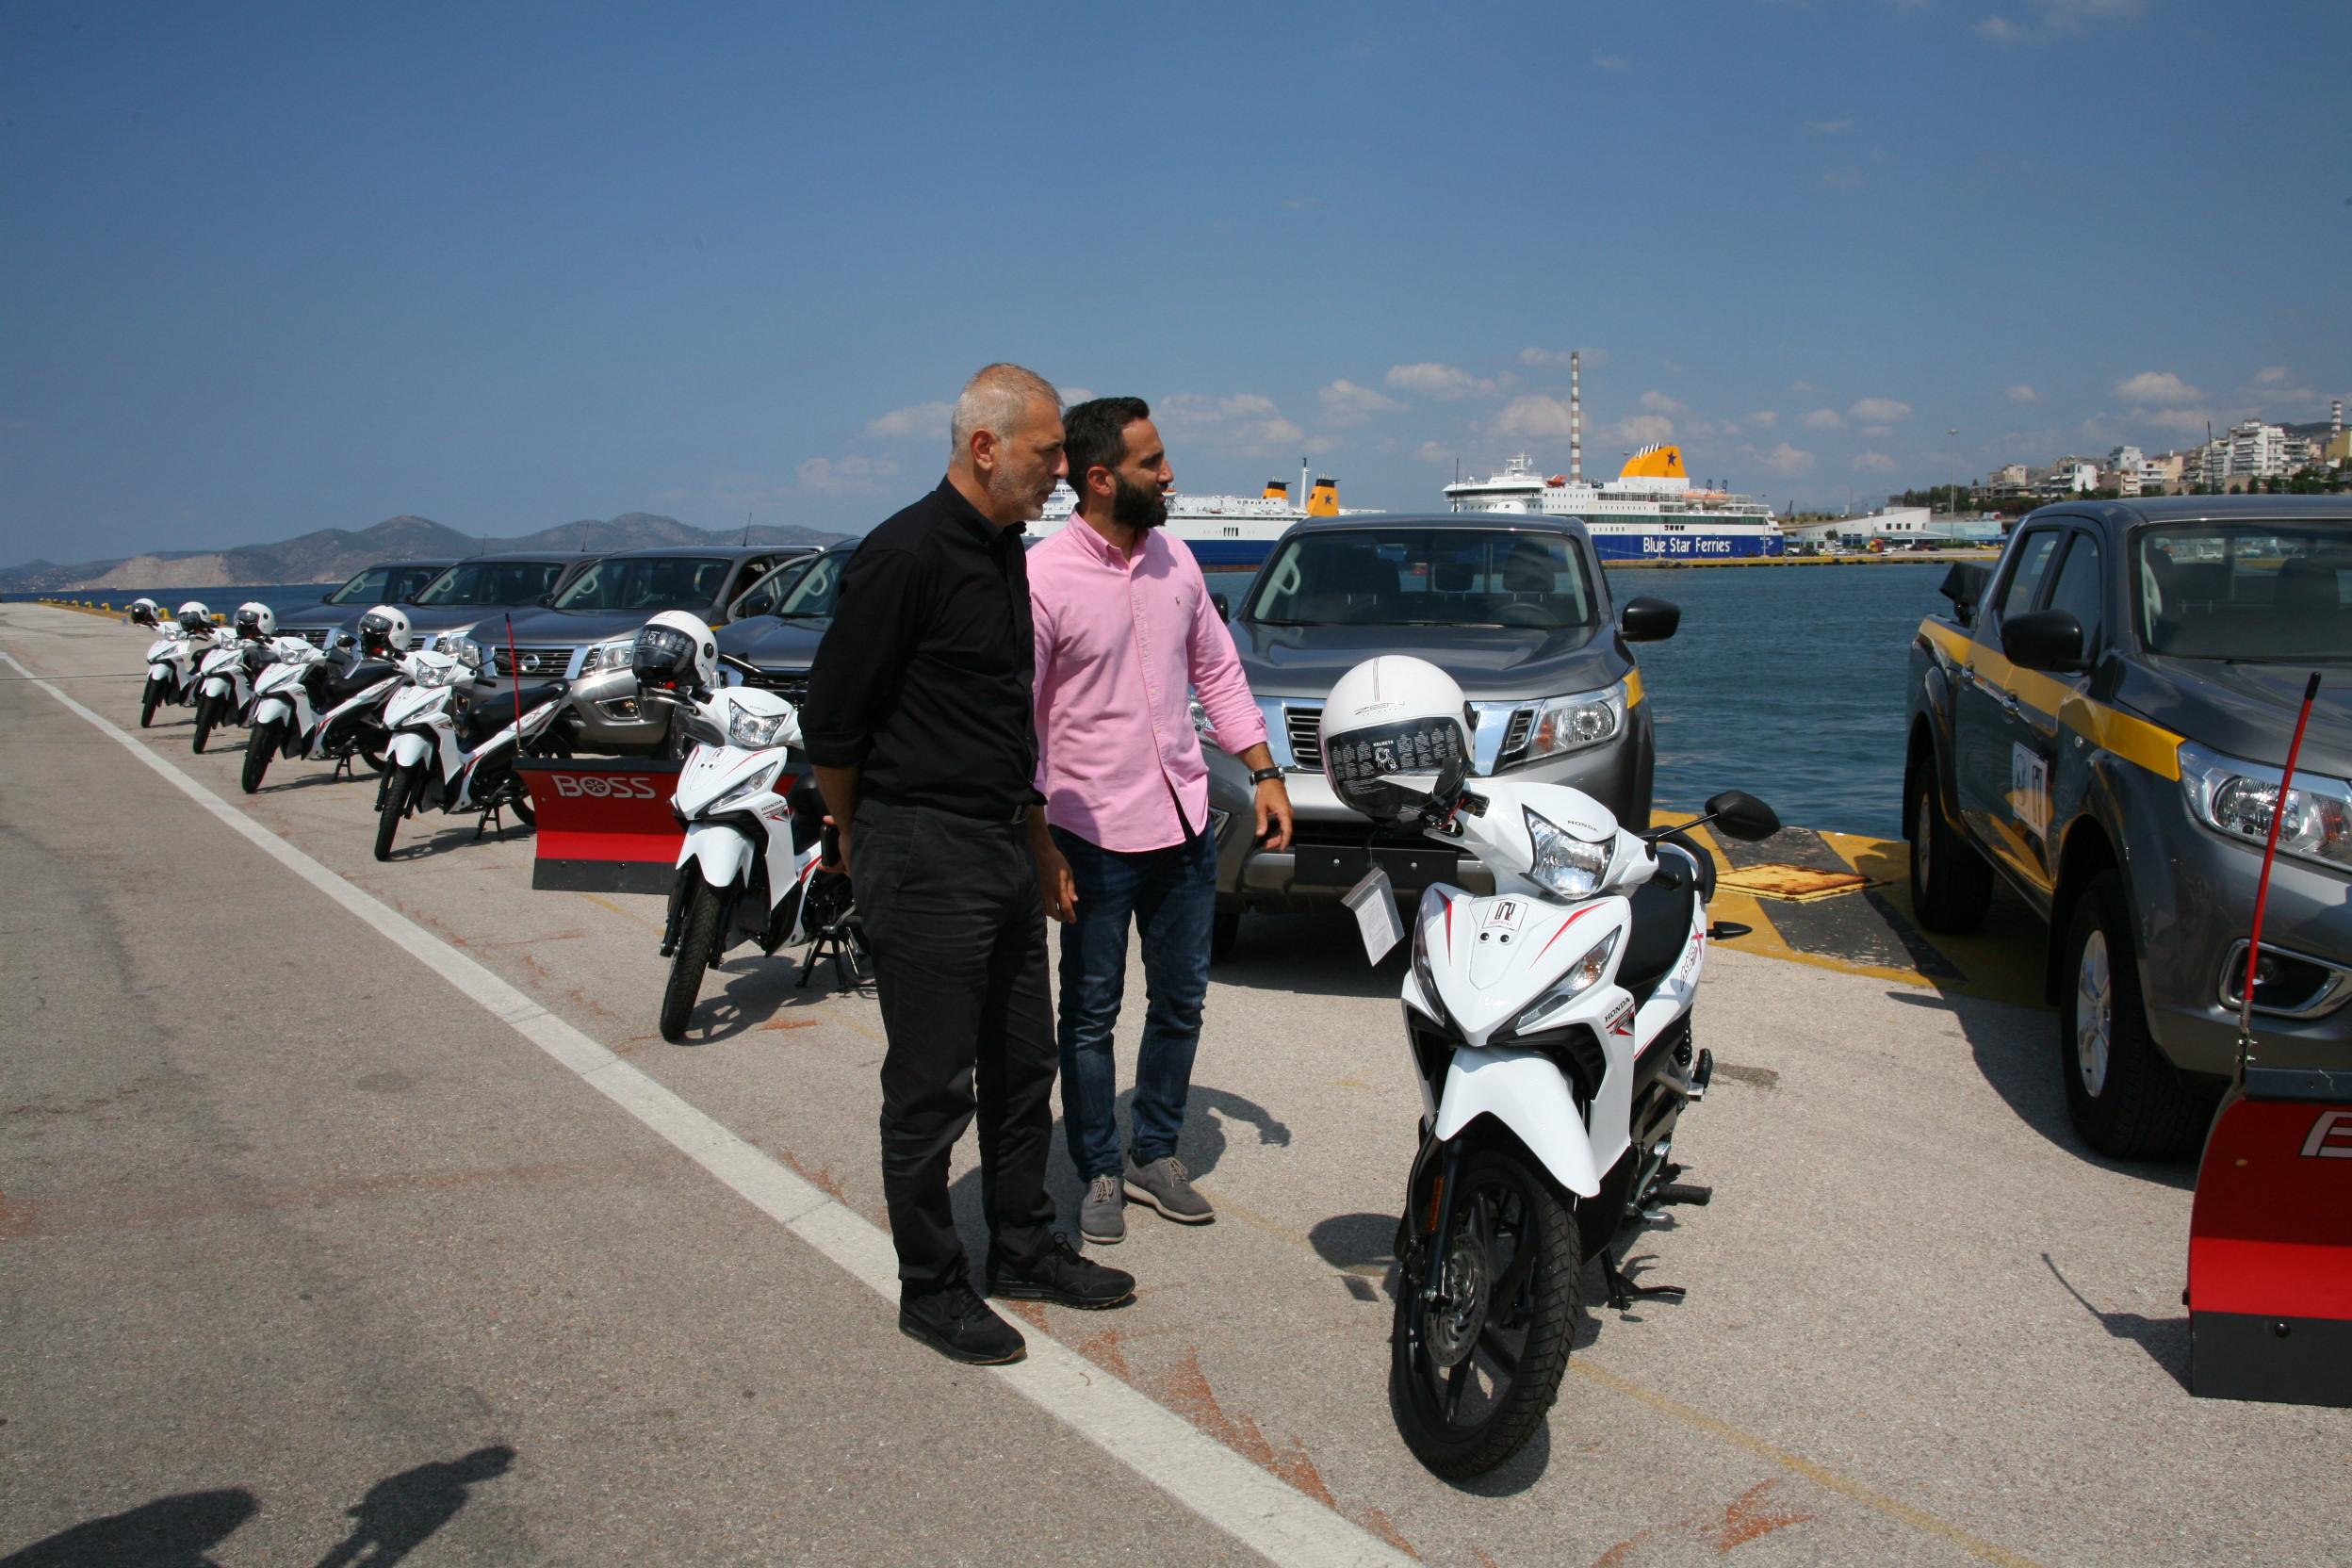 Νέα οχήματα πολλαπλών χρήσεων και δίκυκλα στον Δήμο Πειραιά